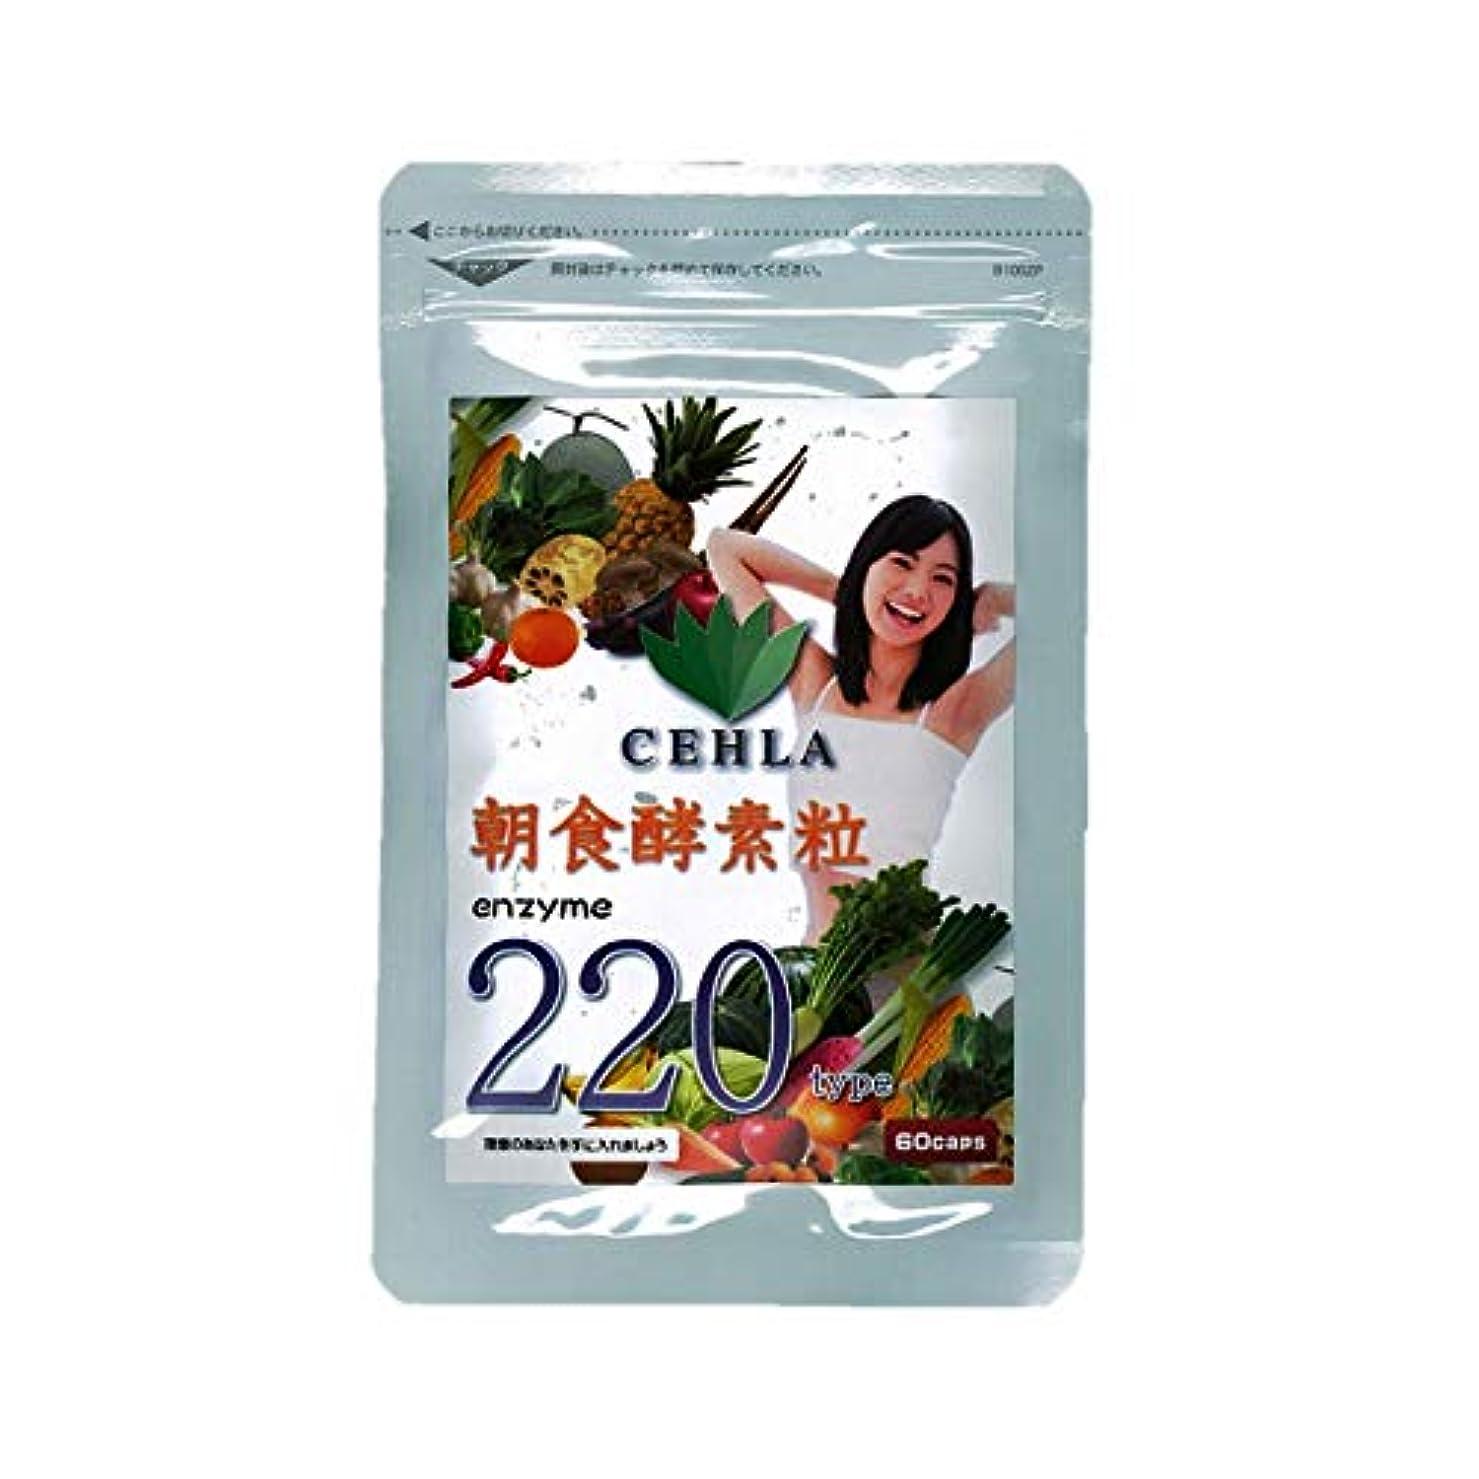 スリップ固執刈り取るセーラ朝食酵素粒エンザイム220種